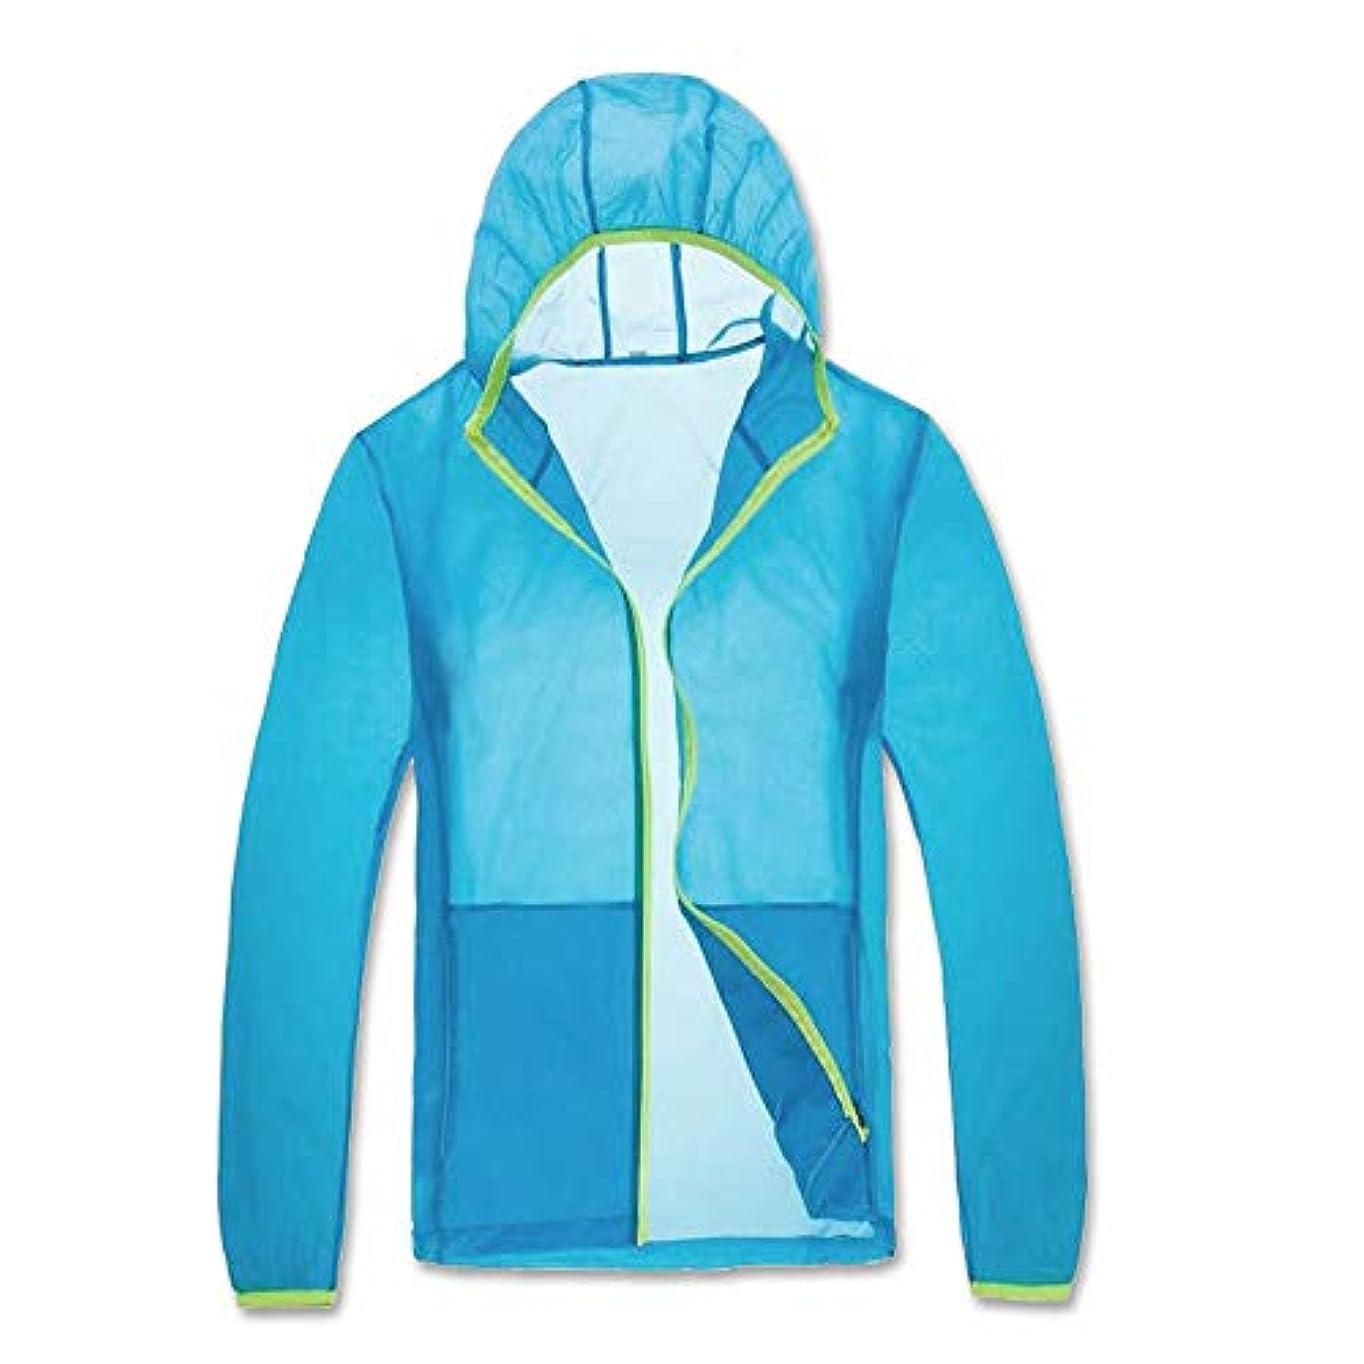 起訴する暖かさながら夏のエアコン衣類ファン冷却衣服冷却ジャケット日焼け止め防蚊防水ジャケットスキンコート,Blue,L